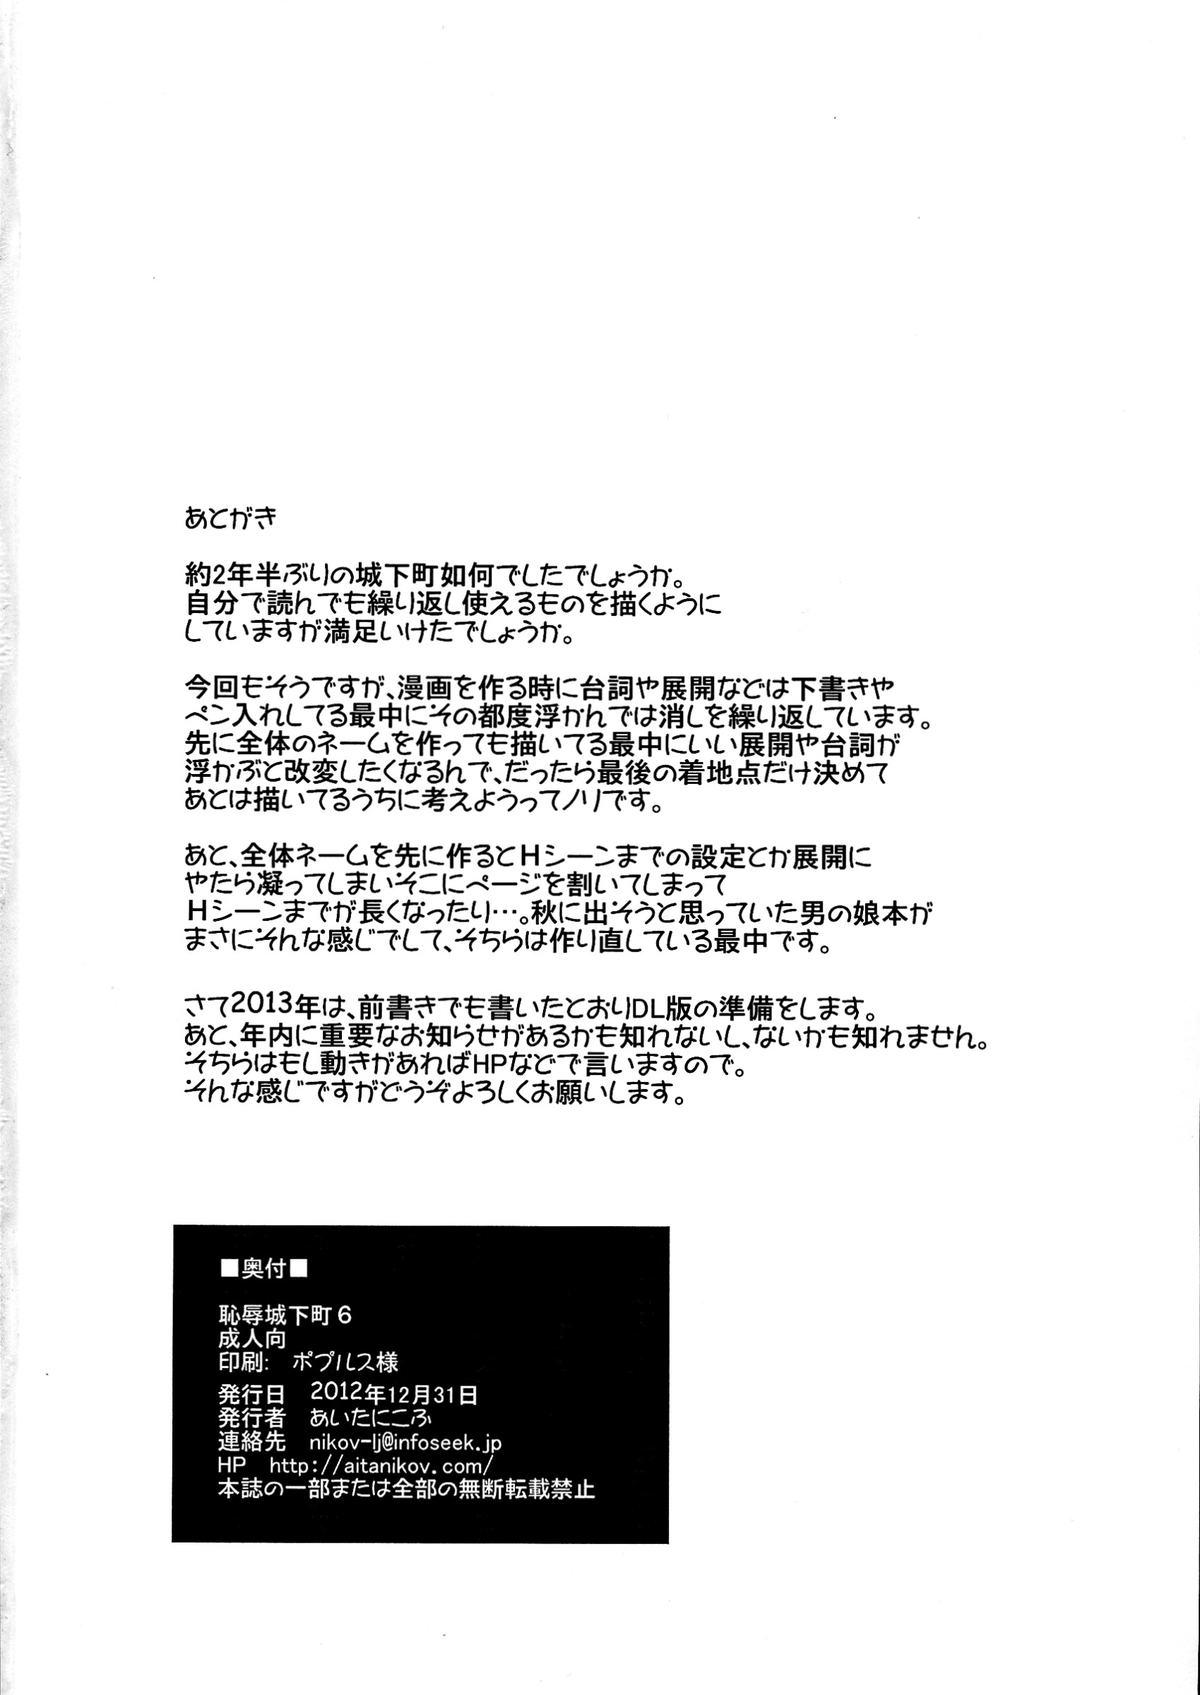 Chijoku Jokamachi 6 20